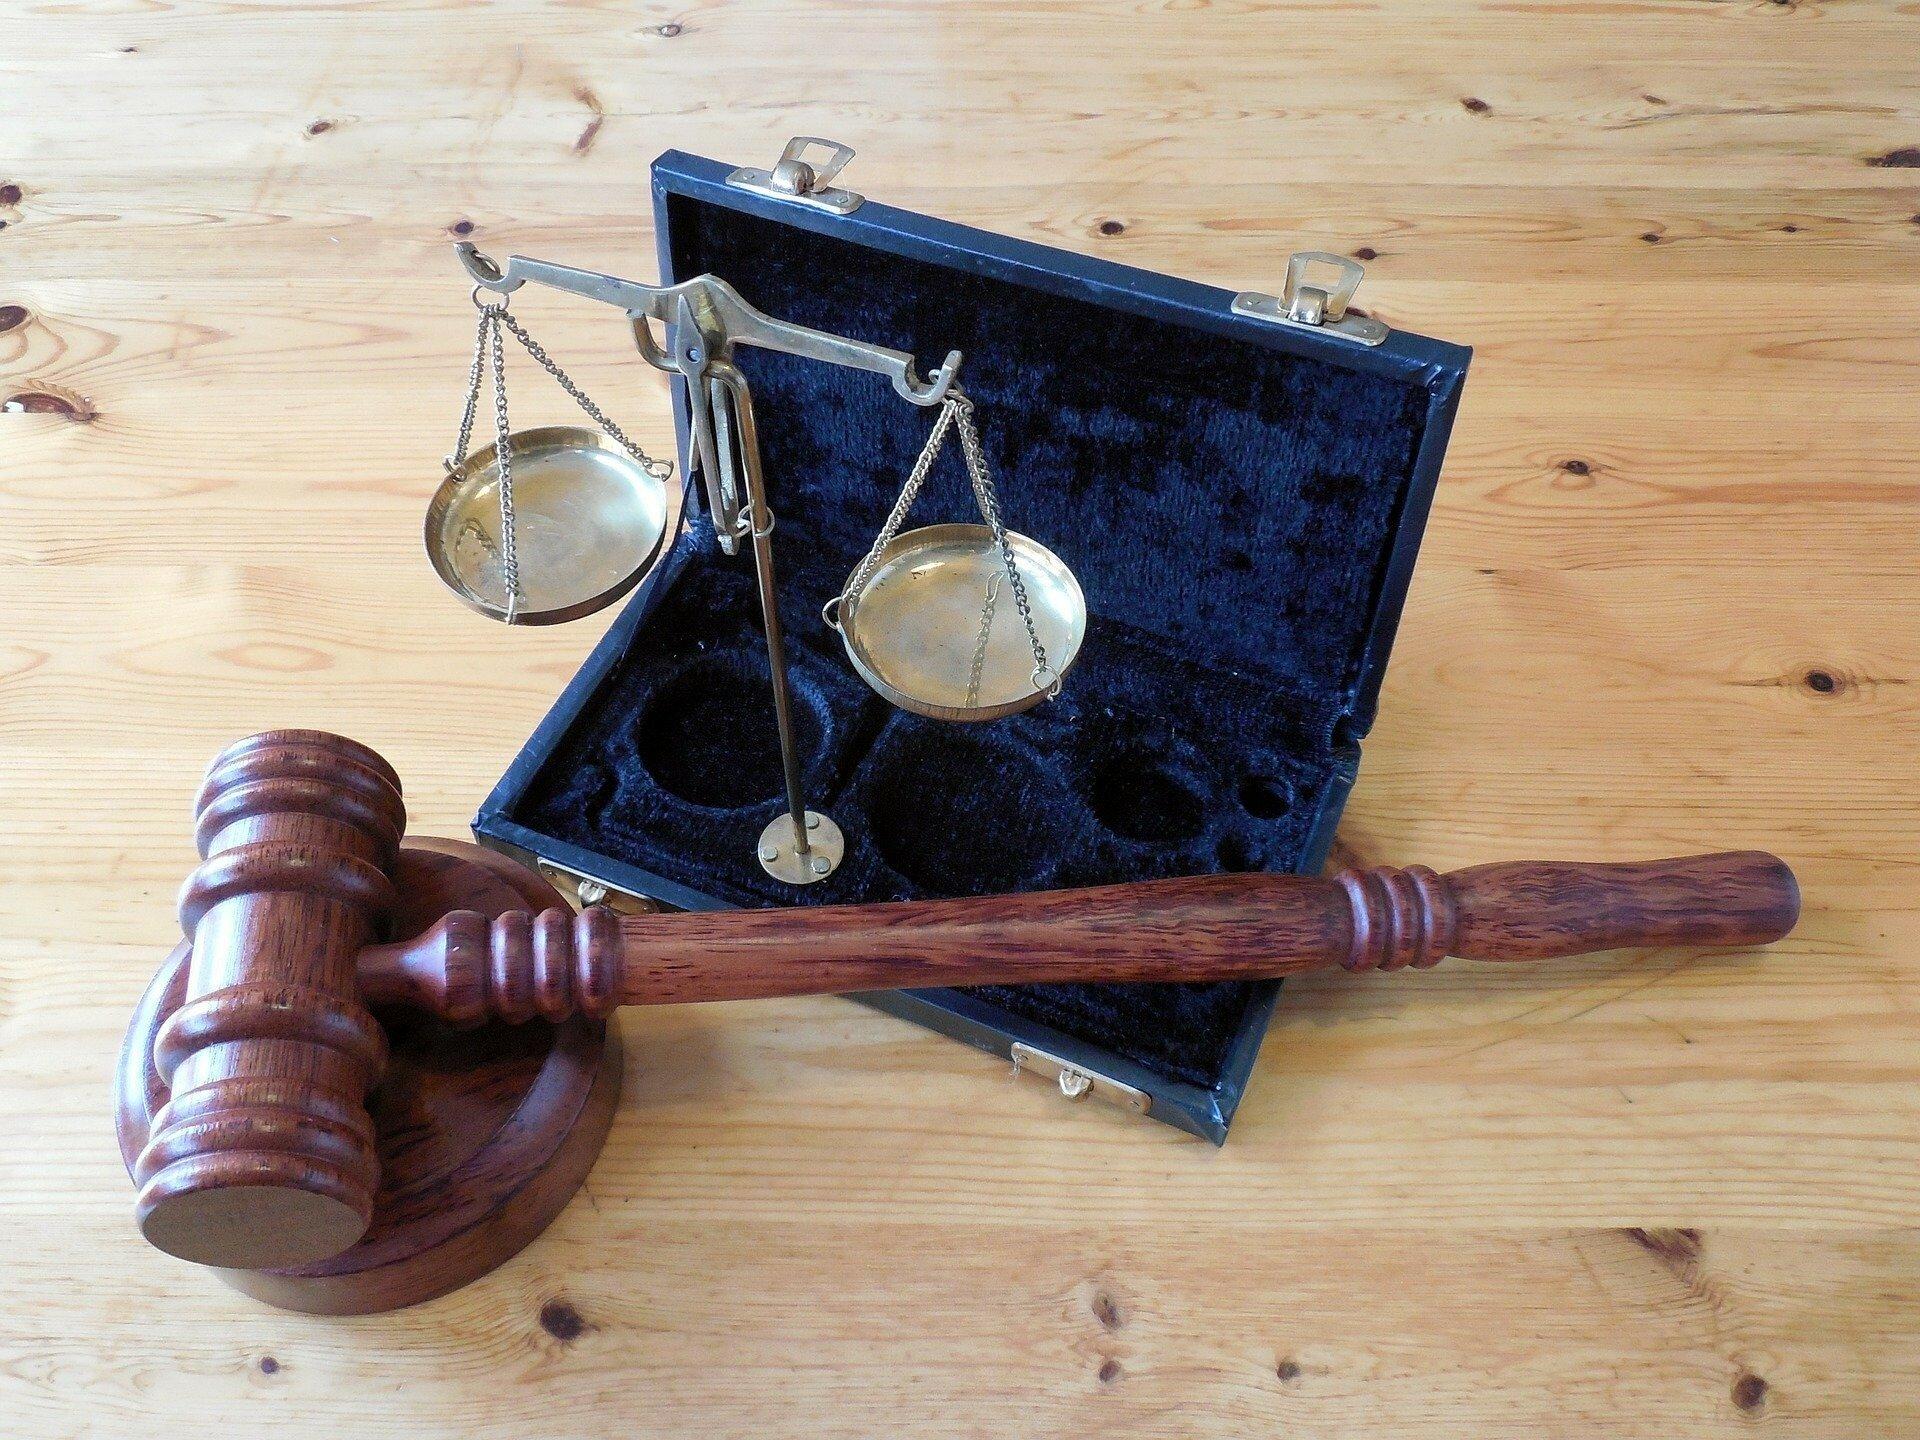 Суд огласил приговор в деле о гибели в ДТП 15-летней девушки с отцом